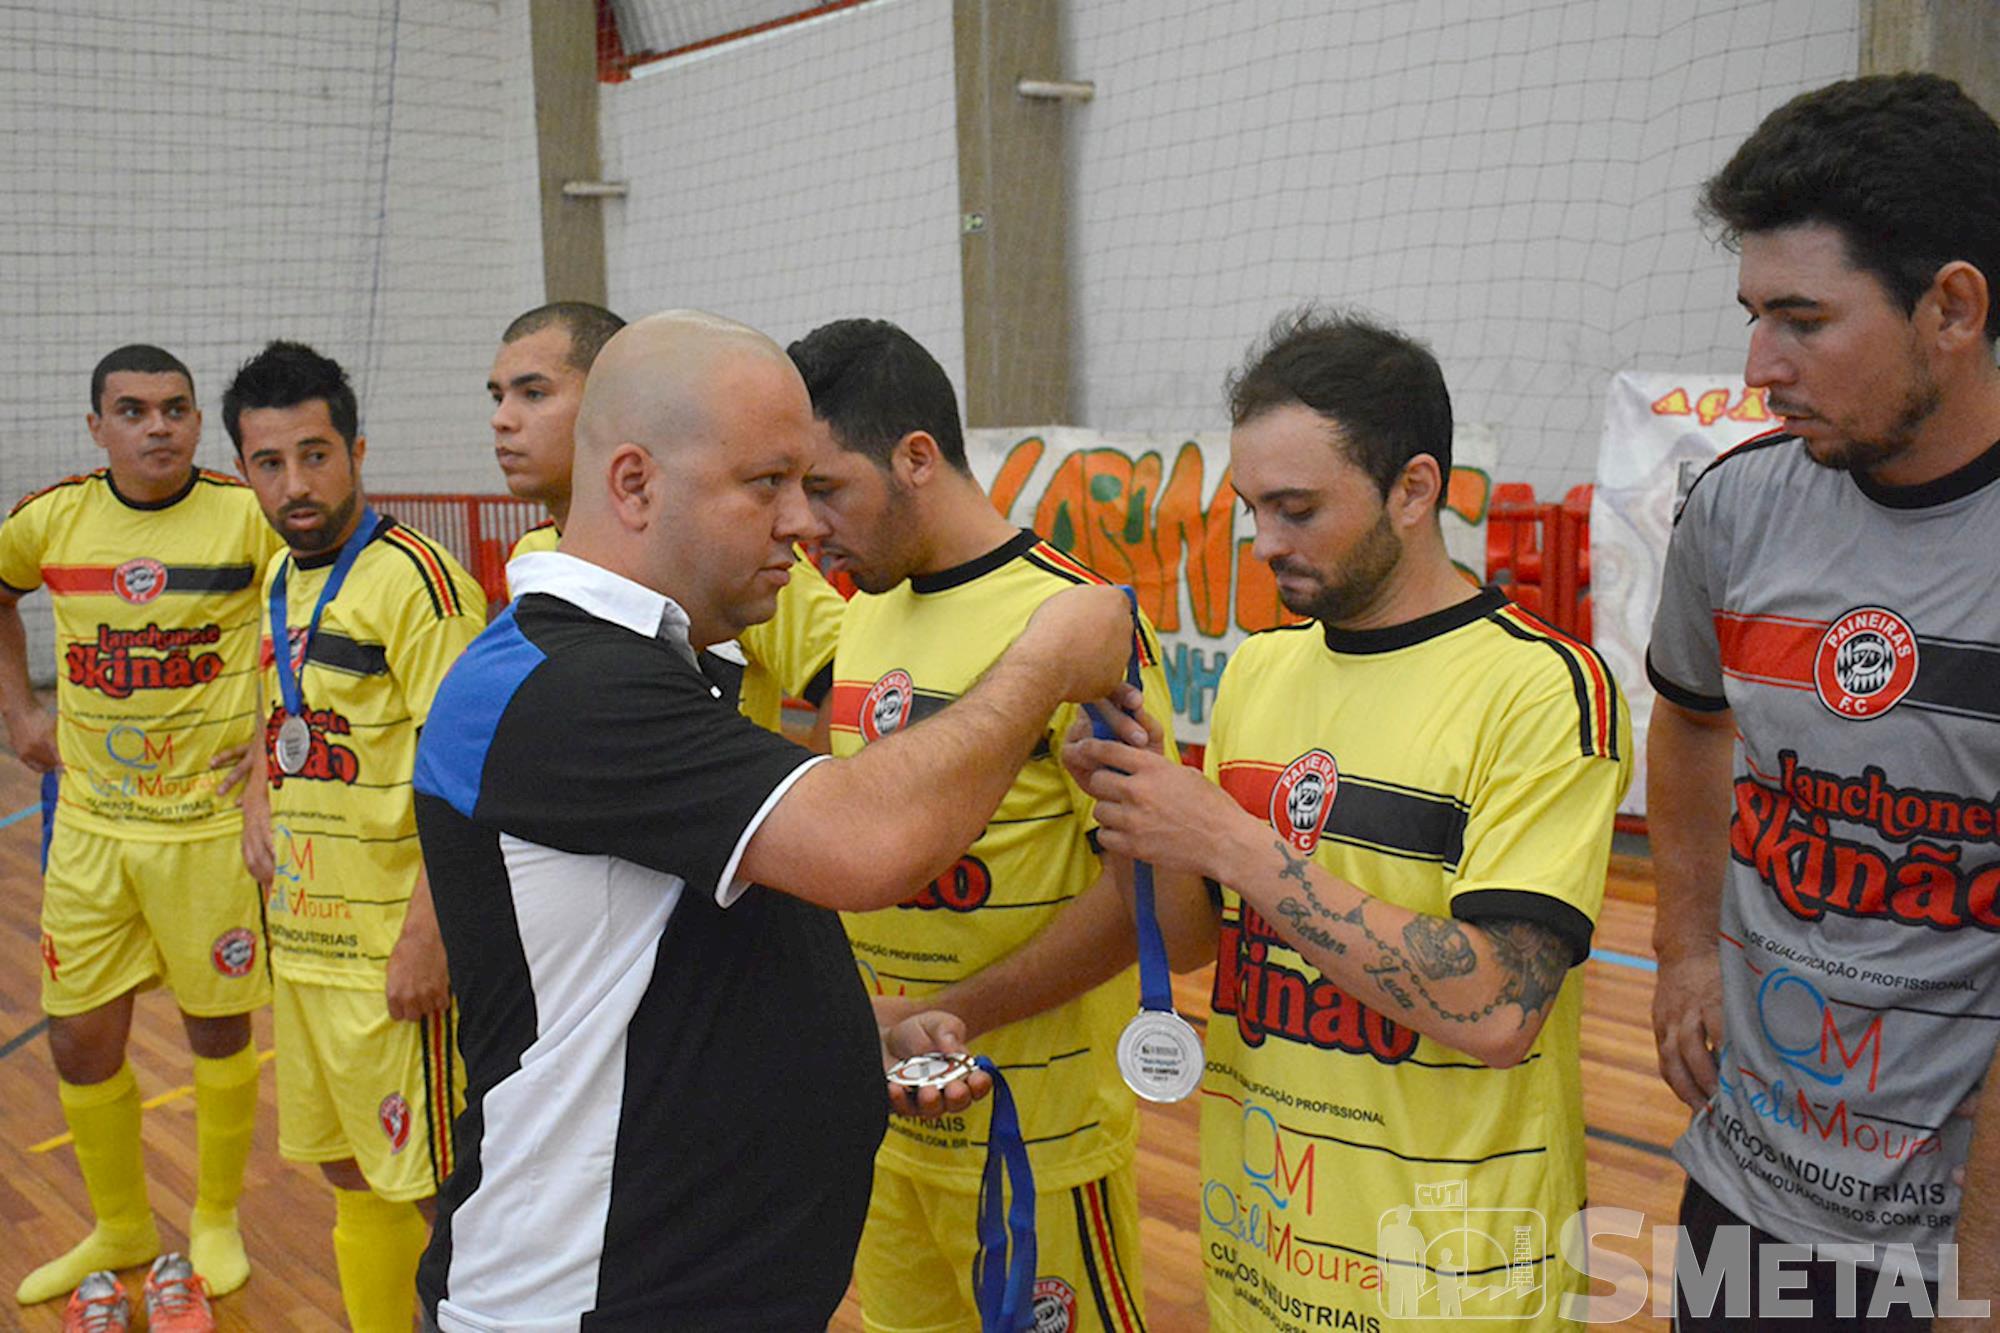 Entrega de medalhas à equipe Lanchonete Skinão,  vice-campeã da 12ª Taça Papagaio de Futsal, Final da 12ª Taça Papagaio do SMetal